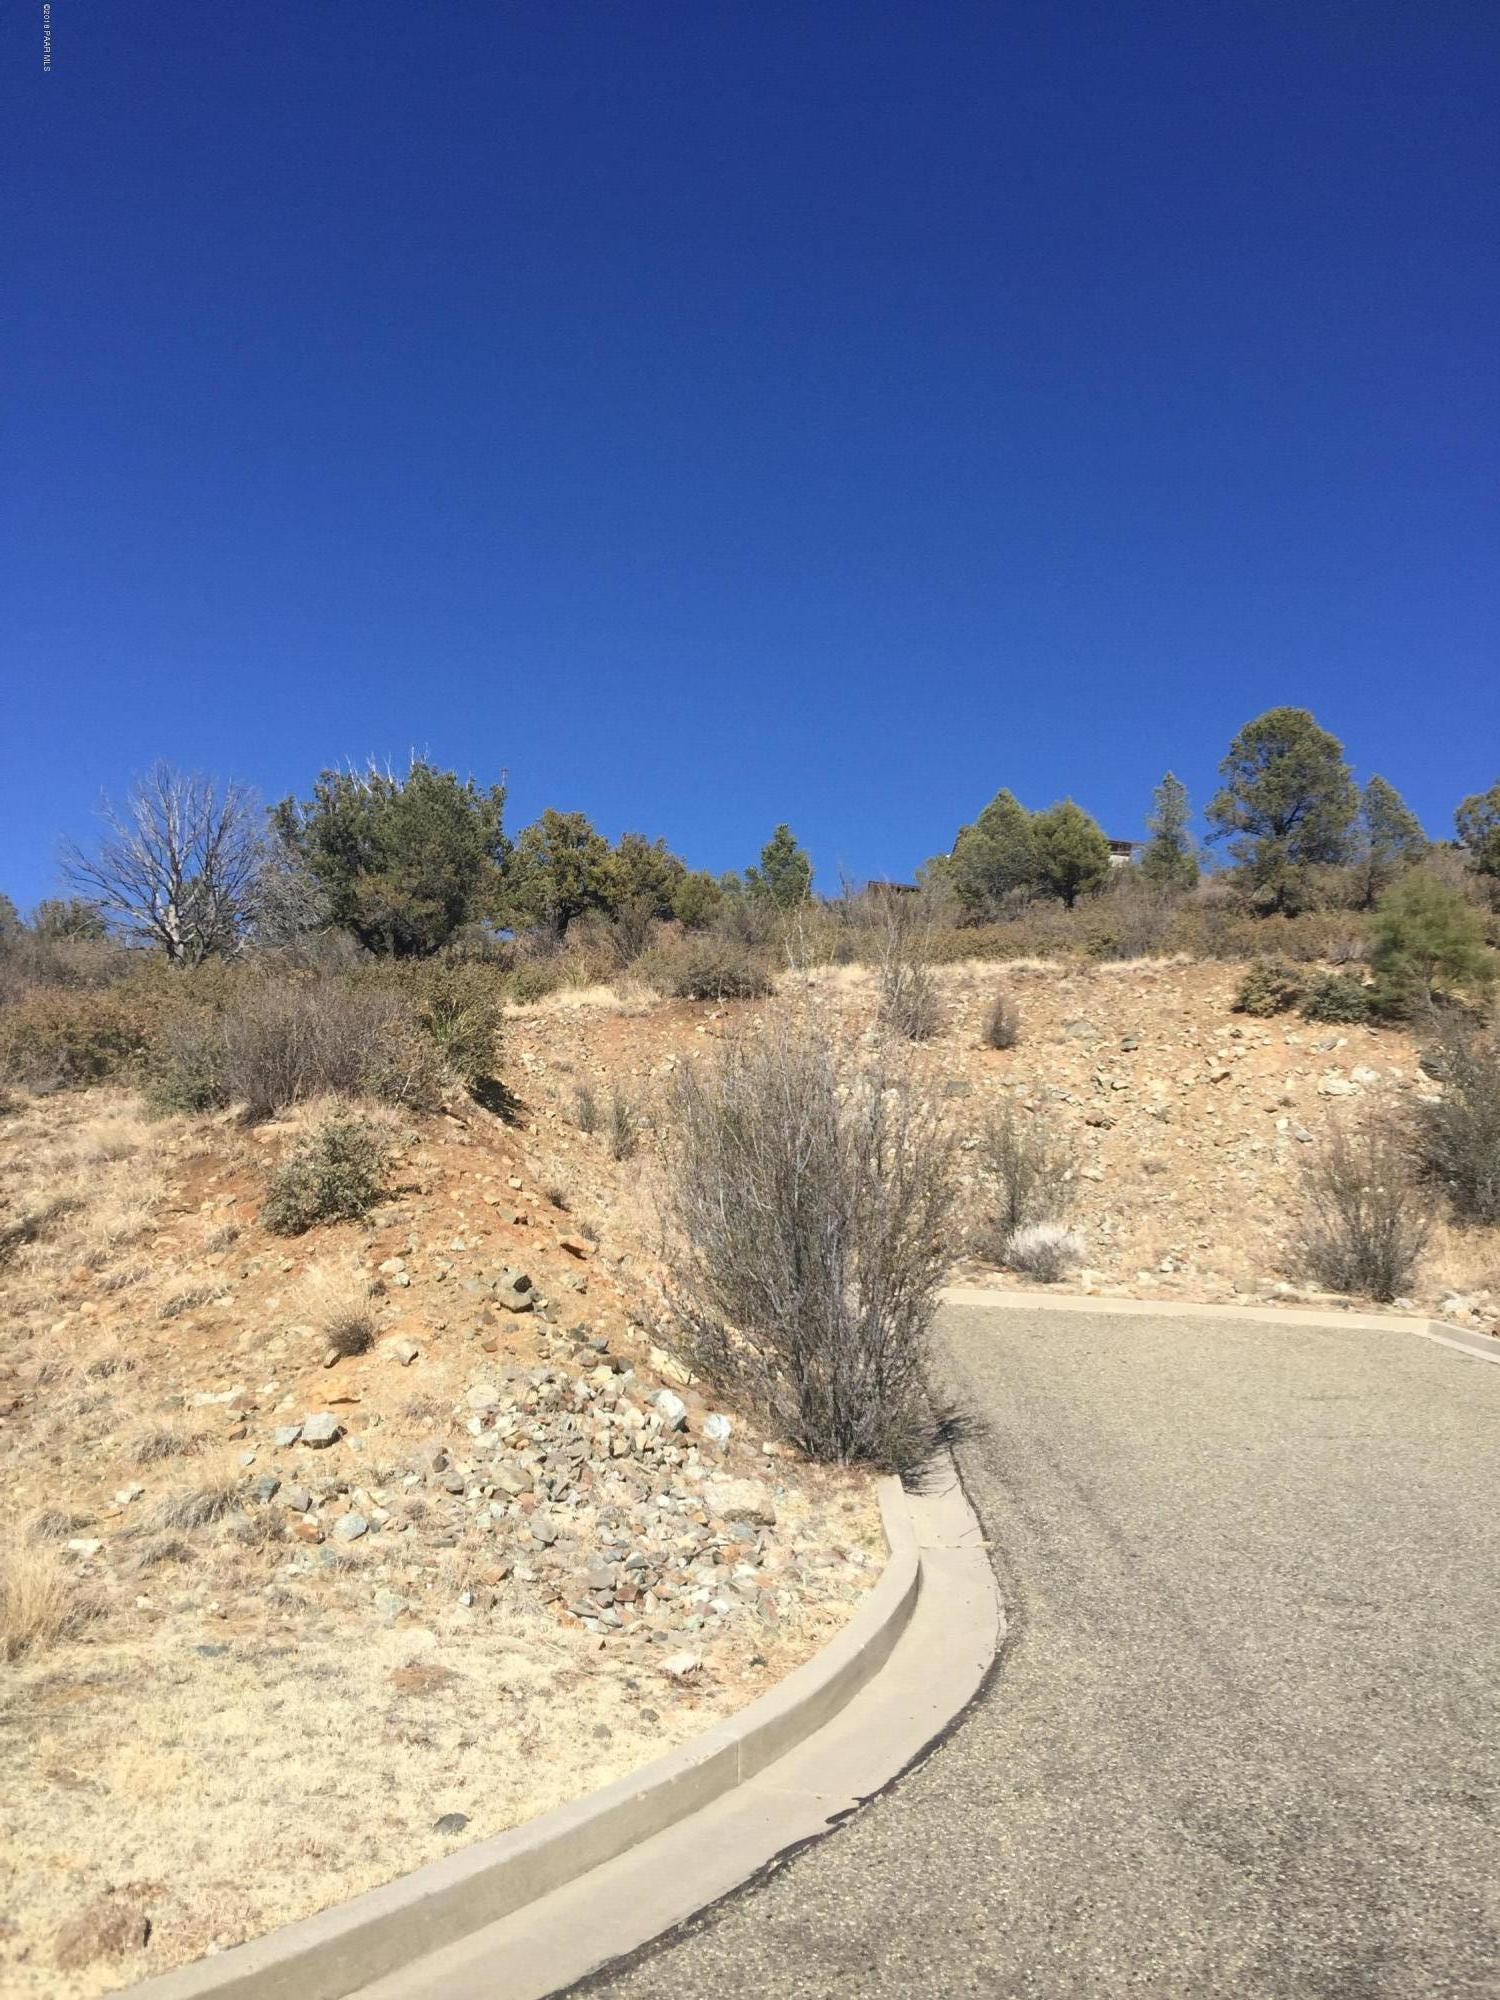 872 Spring Trail Prescott, AZ 86303 - MLS #: 1010236